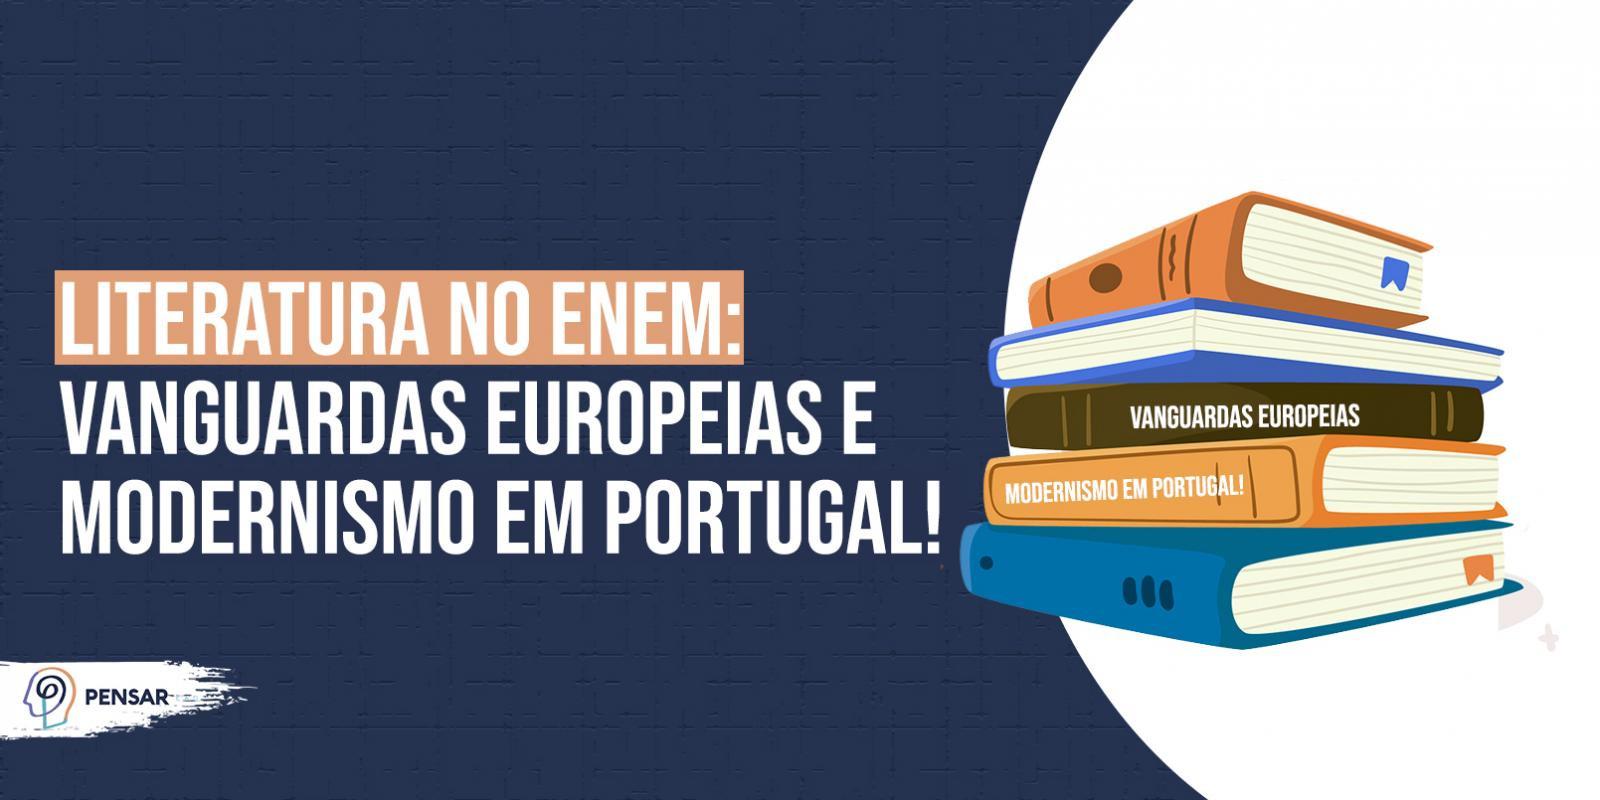 Literatura no ENEM: Vanguardas Europeias e Modernismo em Portugal!